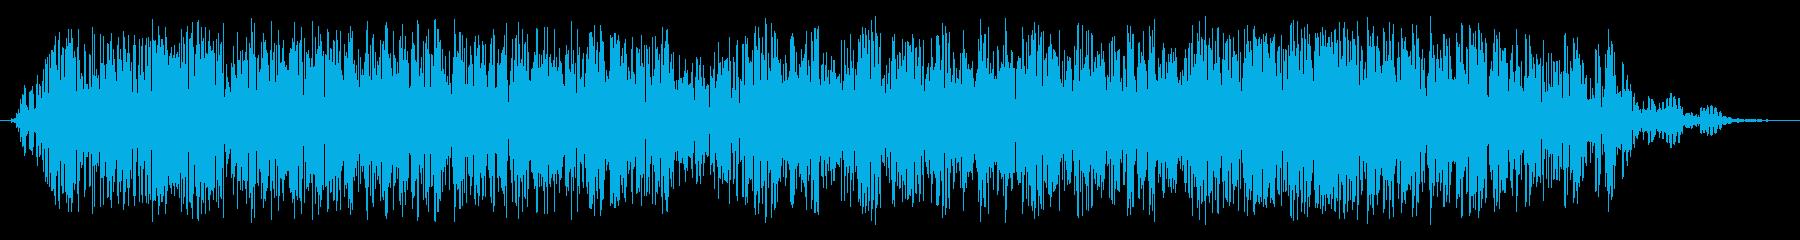 大規模な獣の鳴き声クリーチャーのう...の再生済みの波形